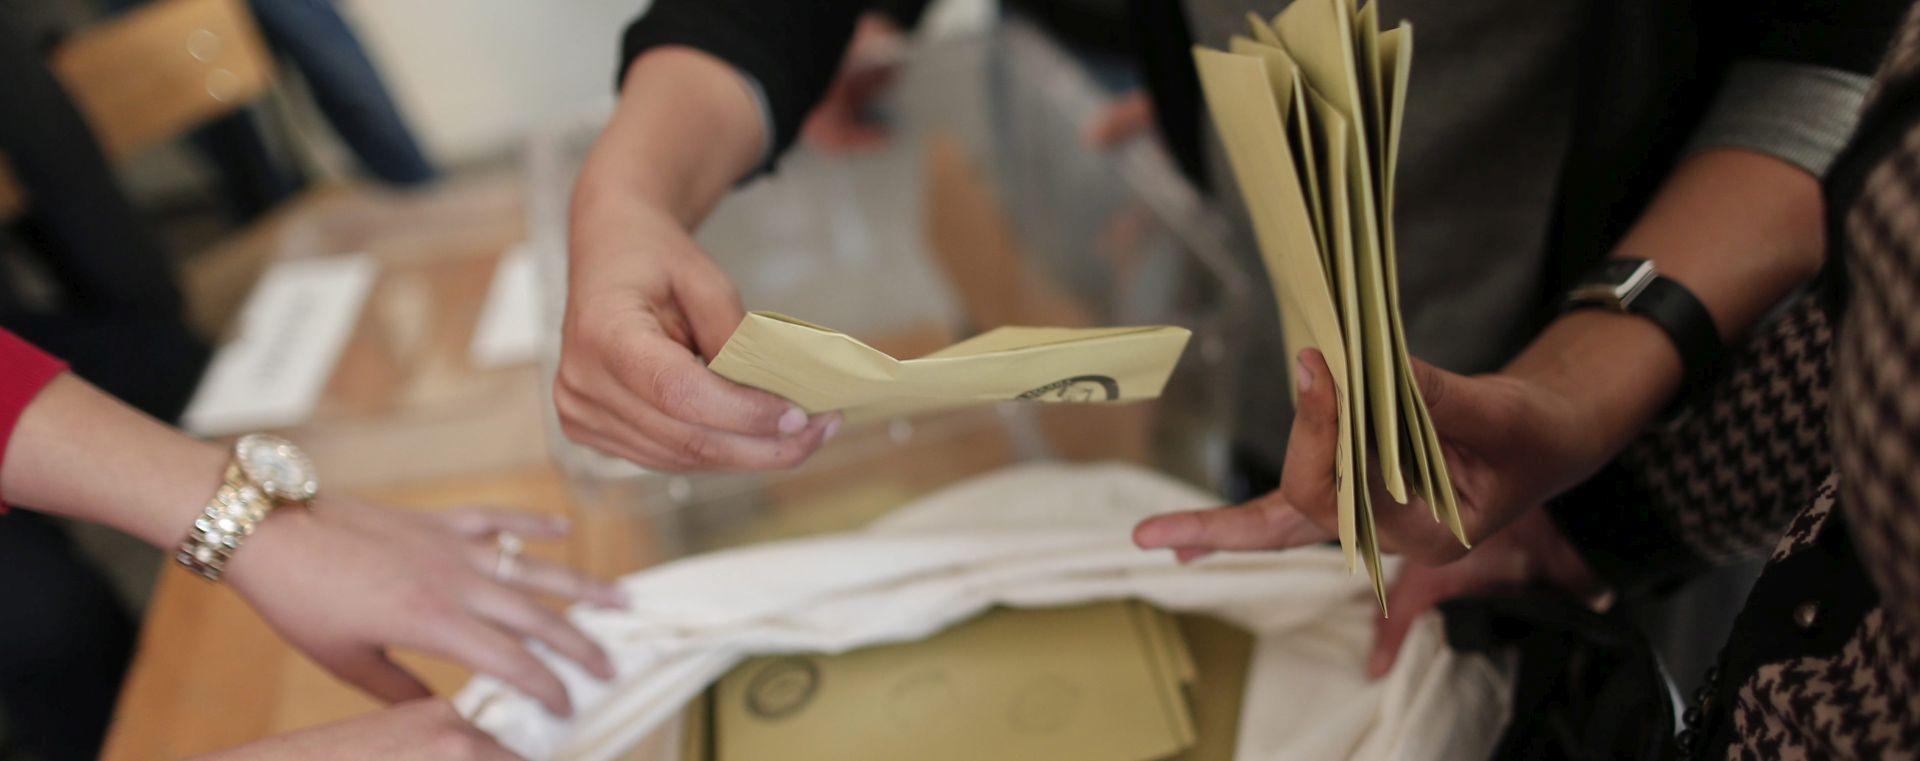 ERDOGAN U UTRCI ZA APSOLUTNU VLAST: Turci u velikom broju izašli na birališta na parlamentarnim izborima